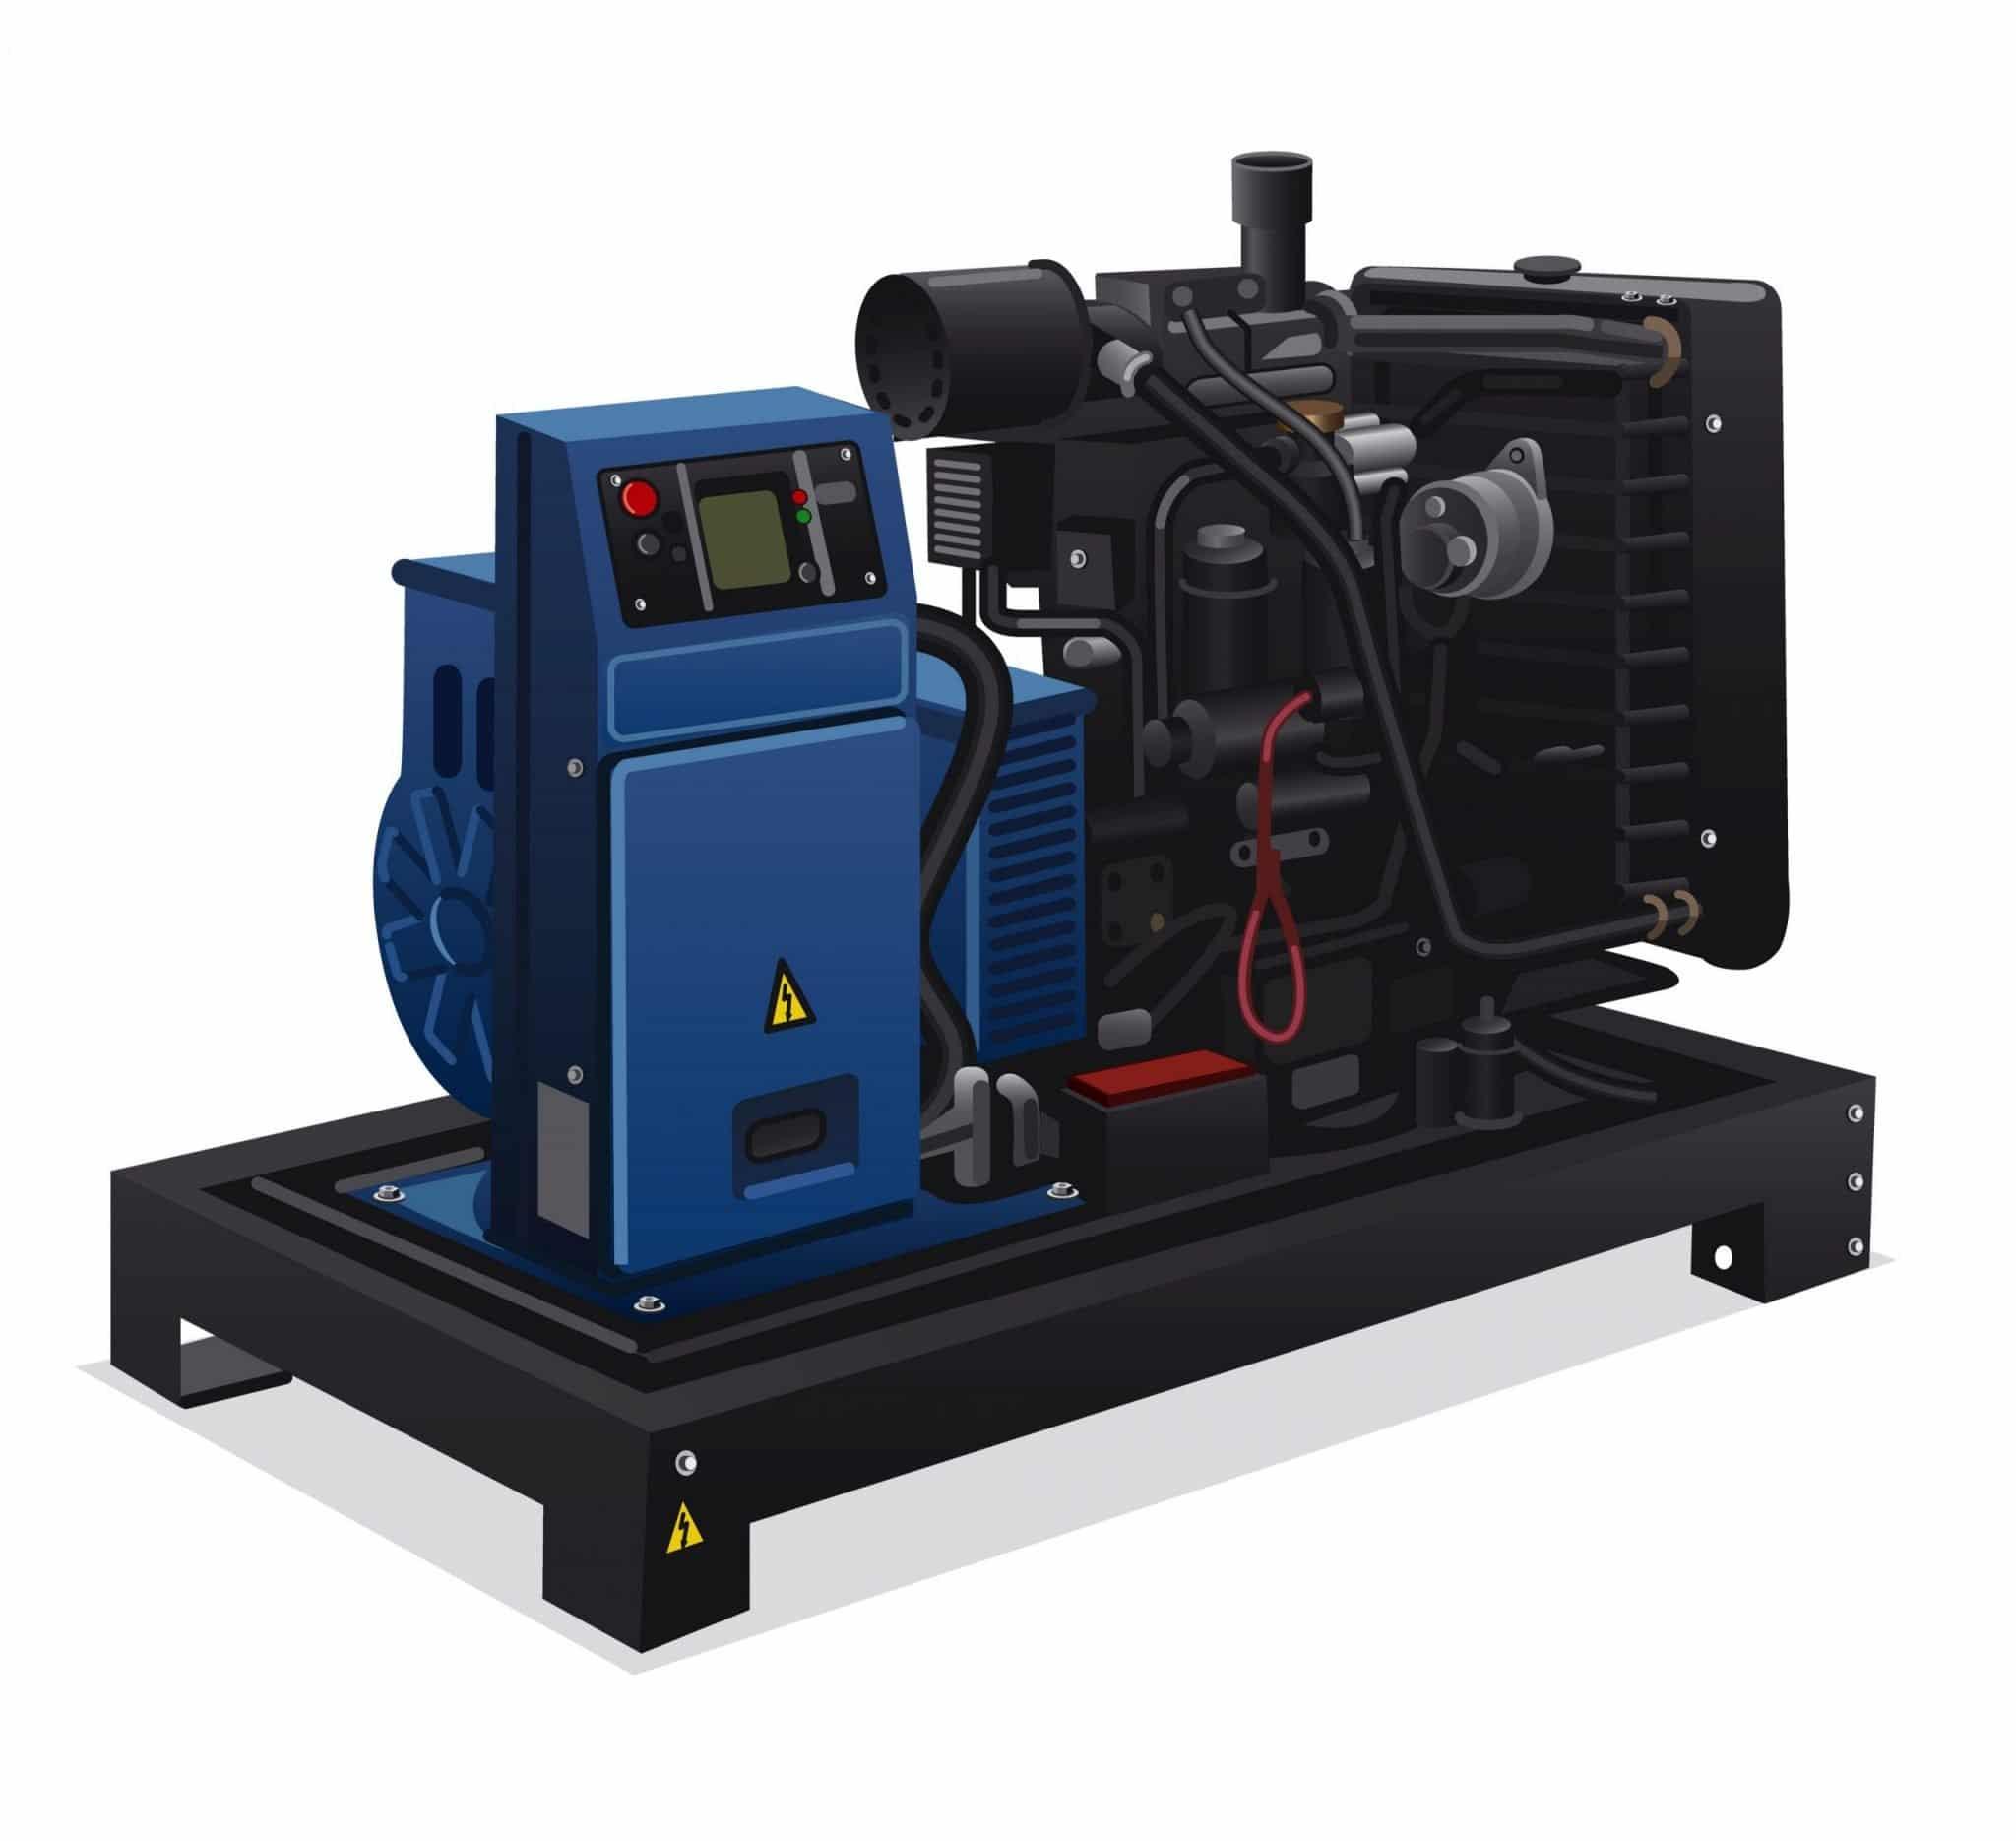 PWRBOX Perkins Stamford Open Type Diesel Generator Set